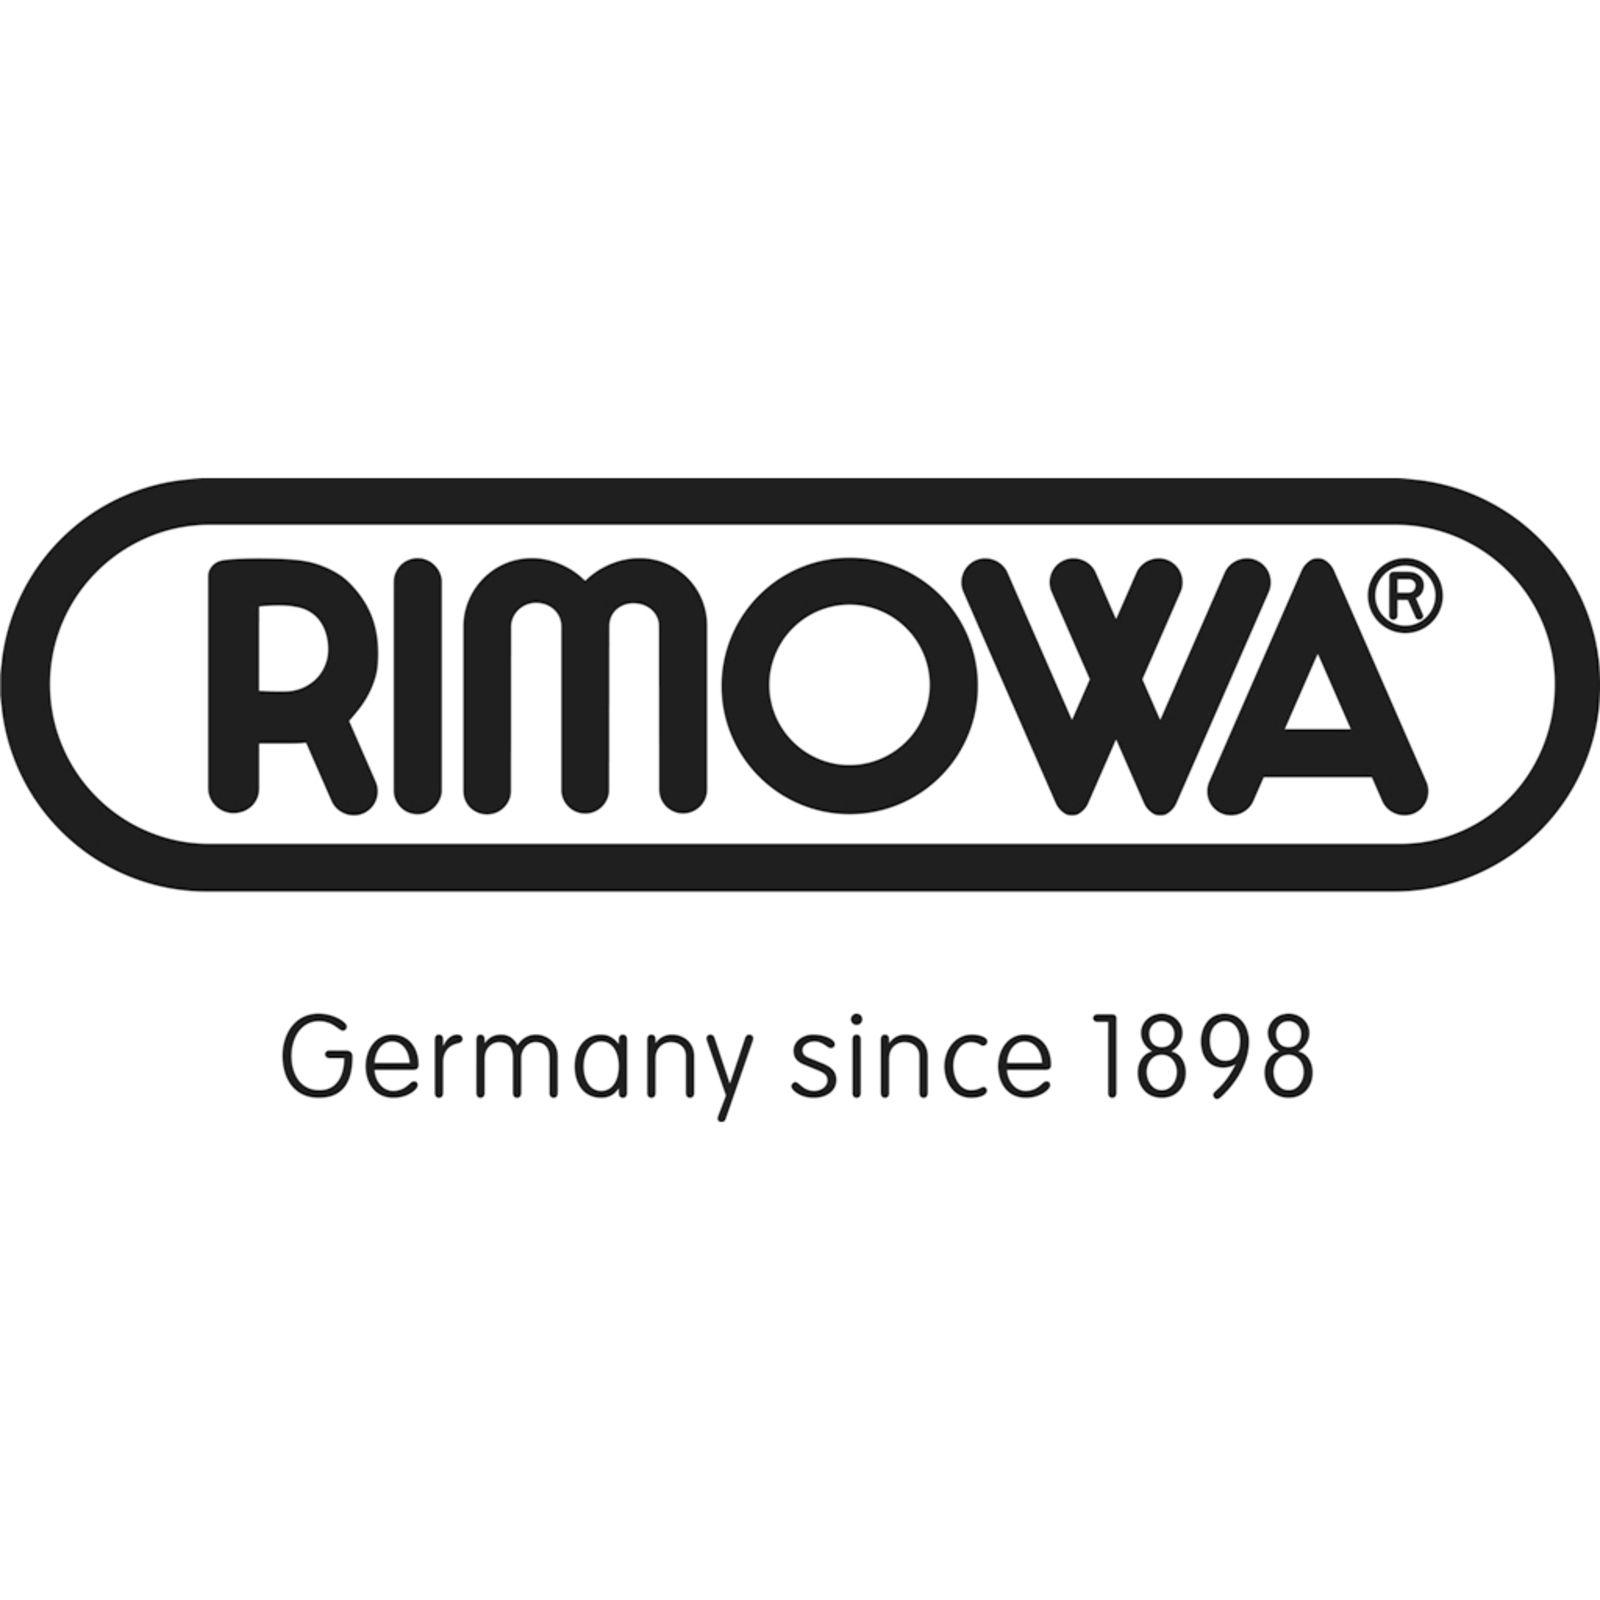 RIMOWA (Bild 1)